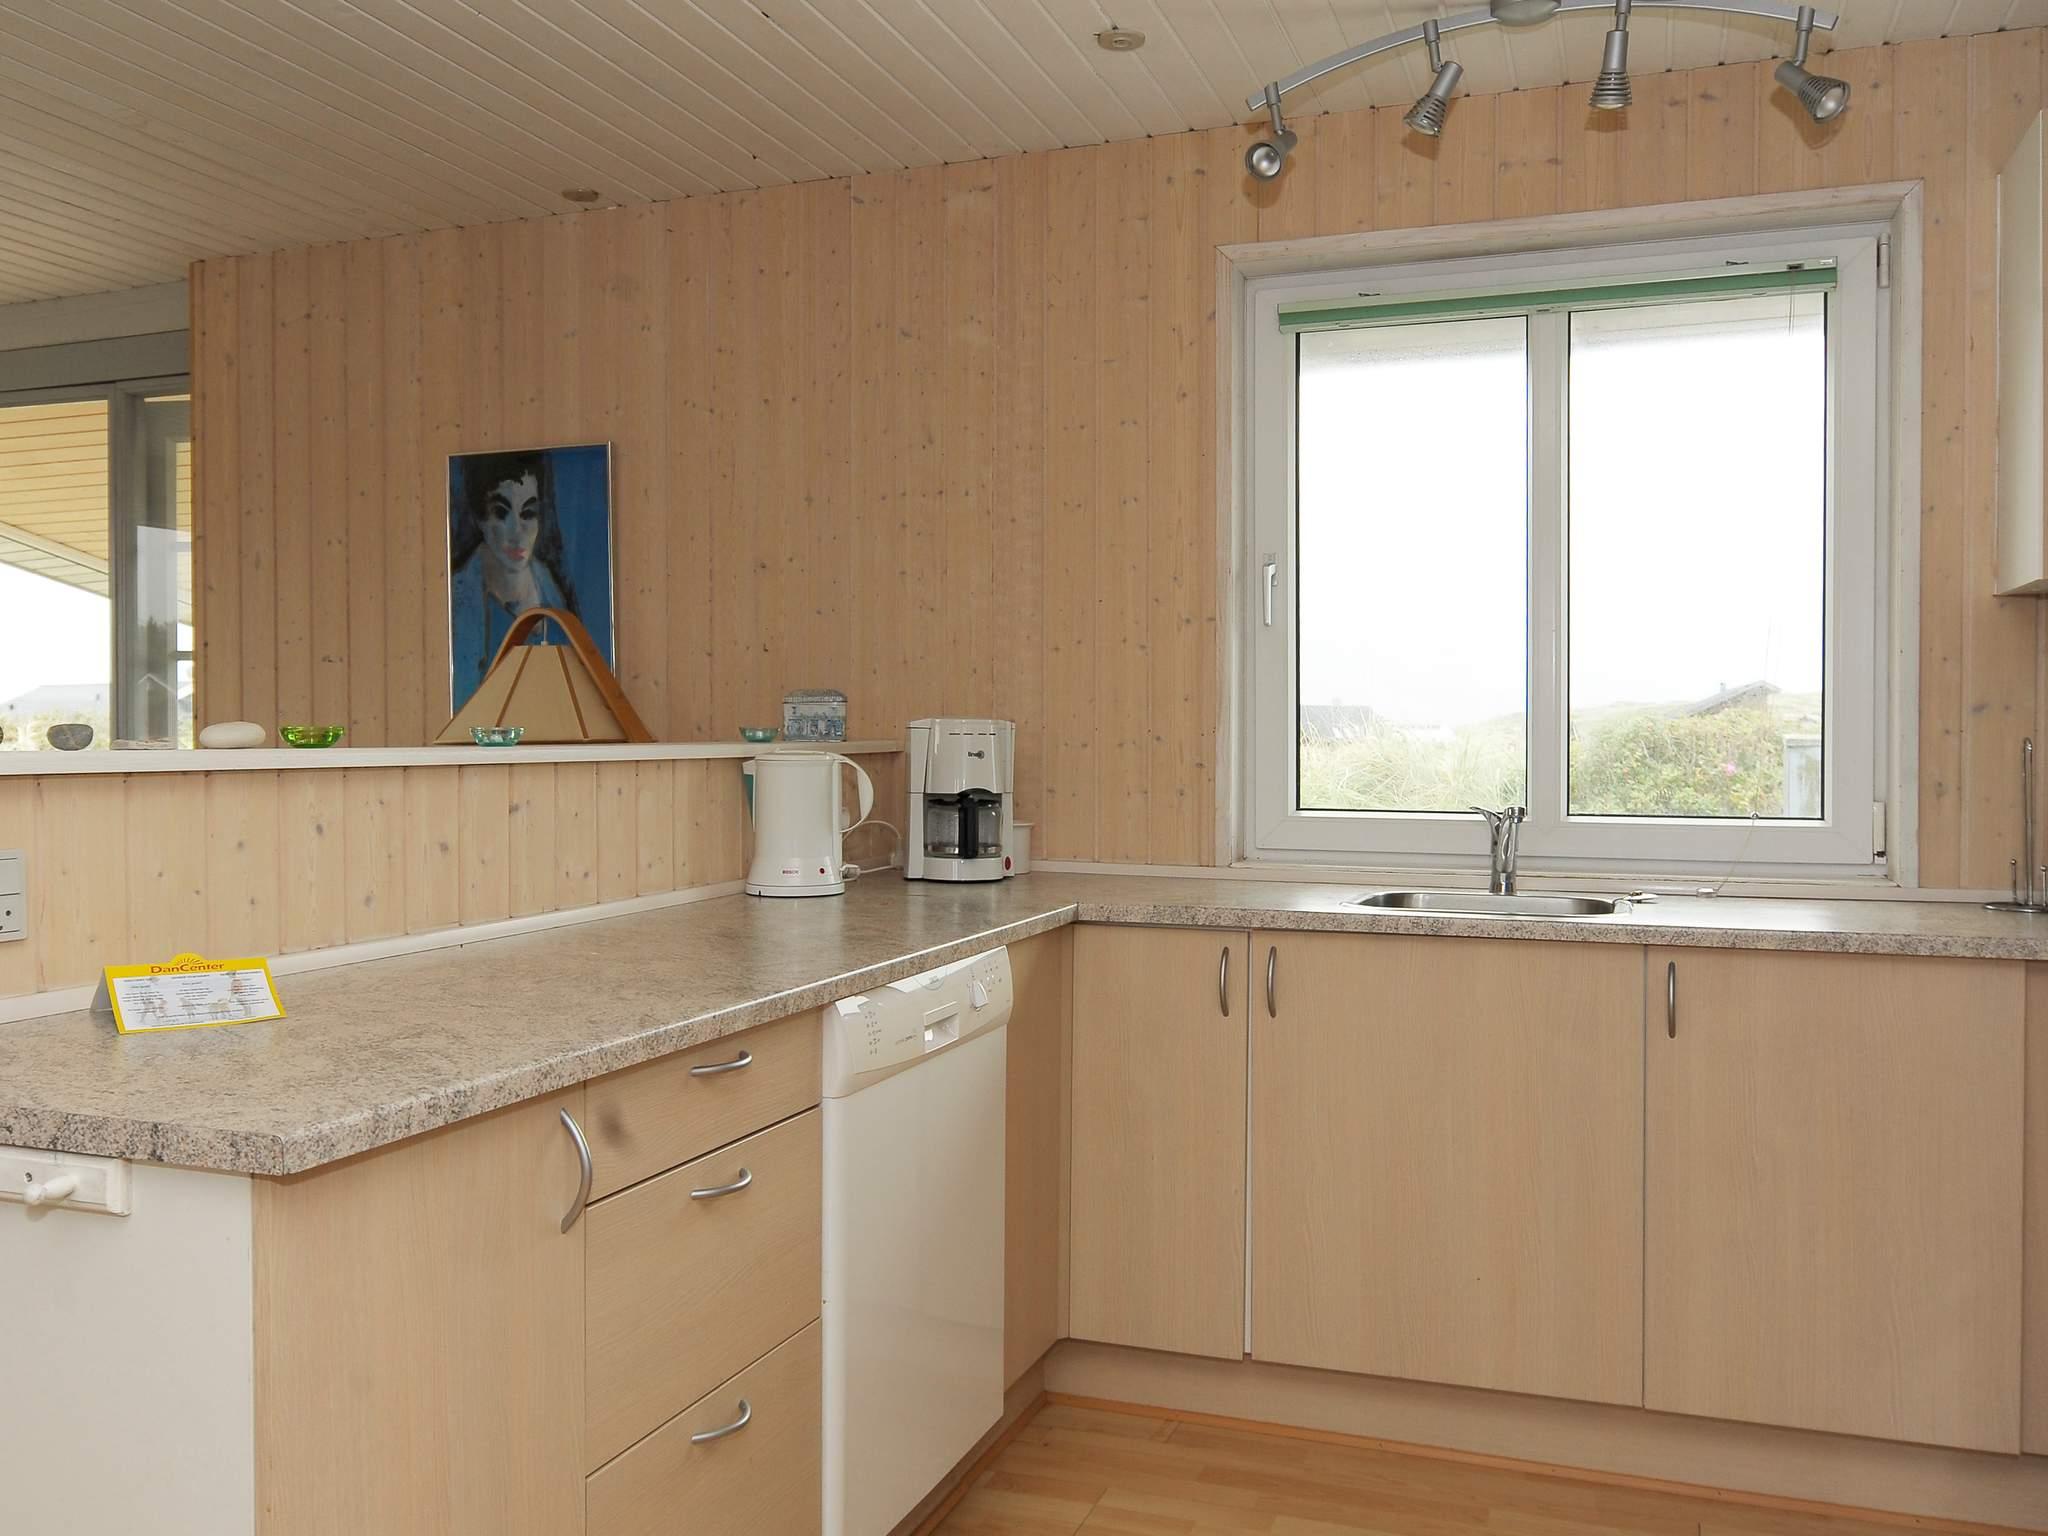 Ferienhaus Vejlby Klit (88925), Harboøre, , Limfjord, Dänemark, Bild 8